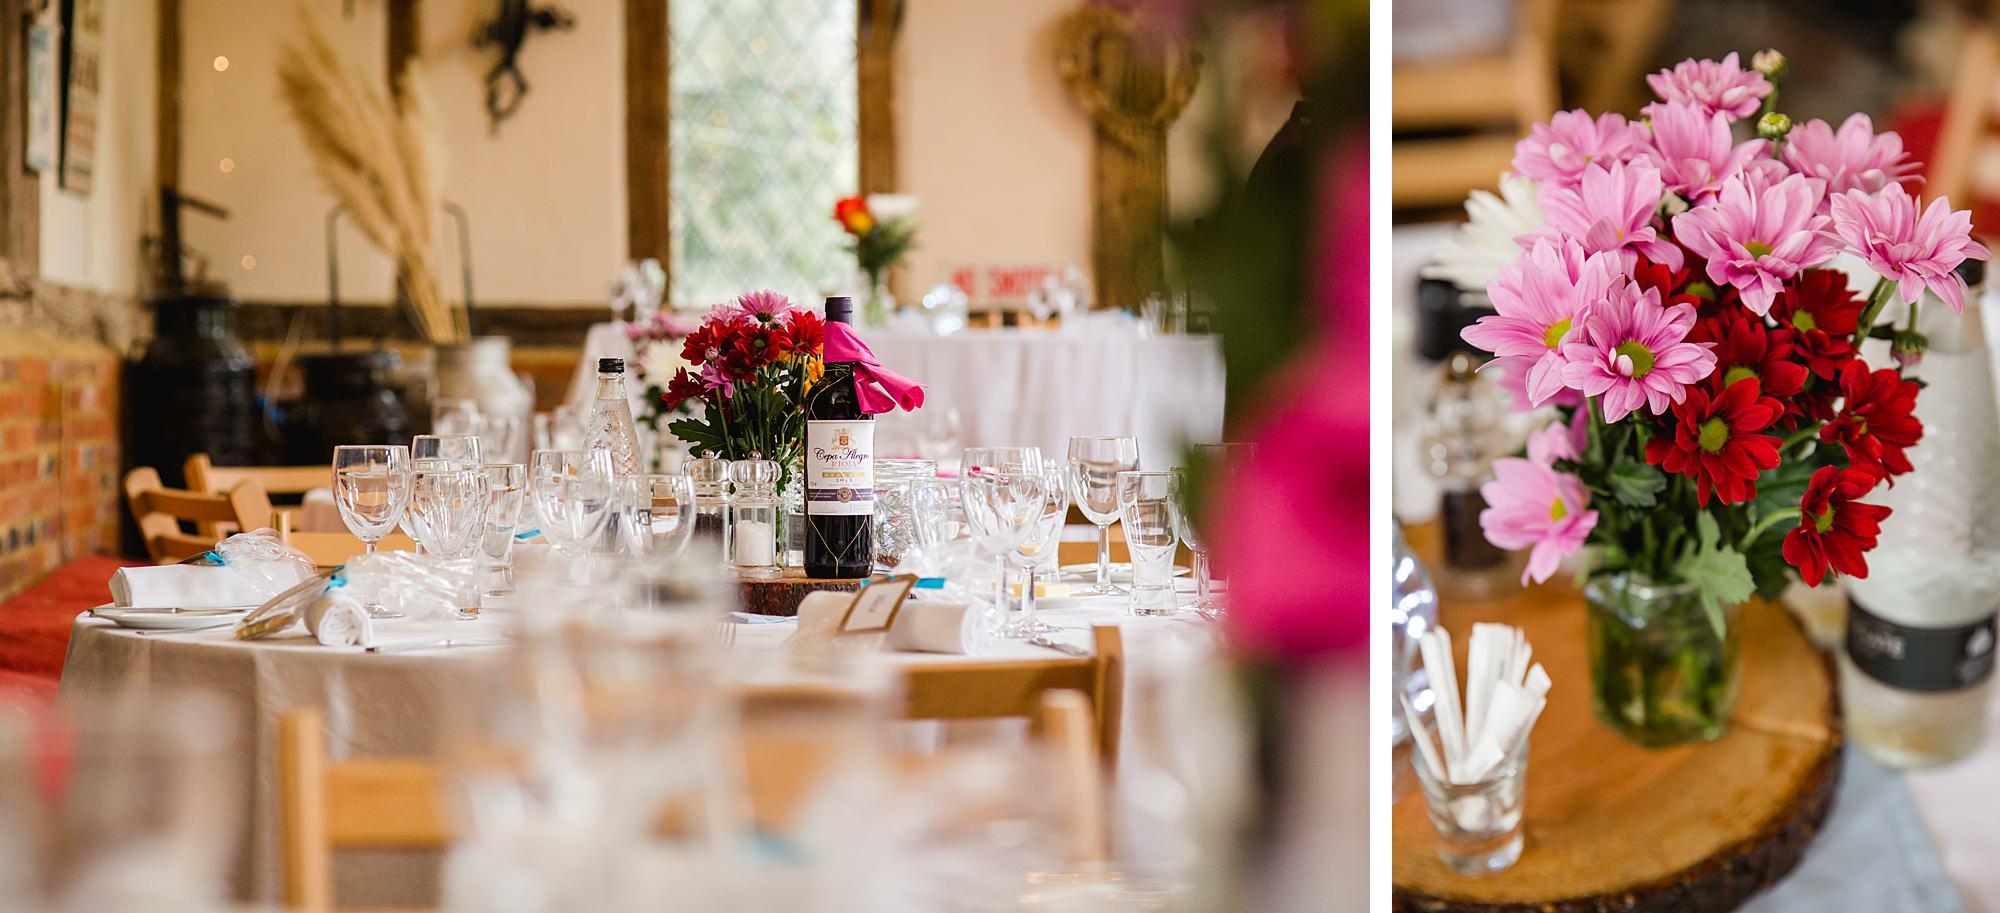 Fun DIY wedding flower table decorations in norwood farm